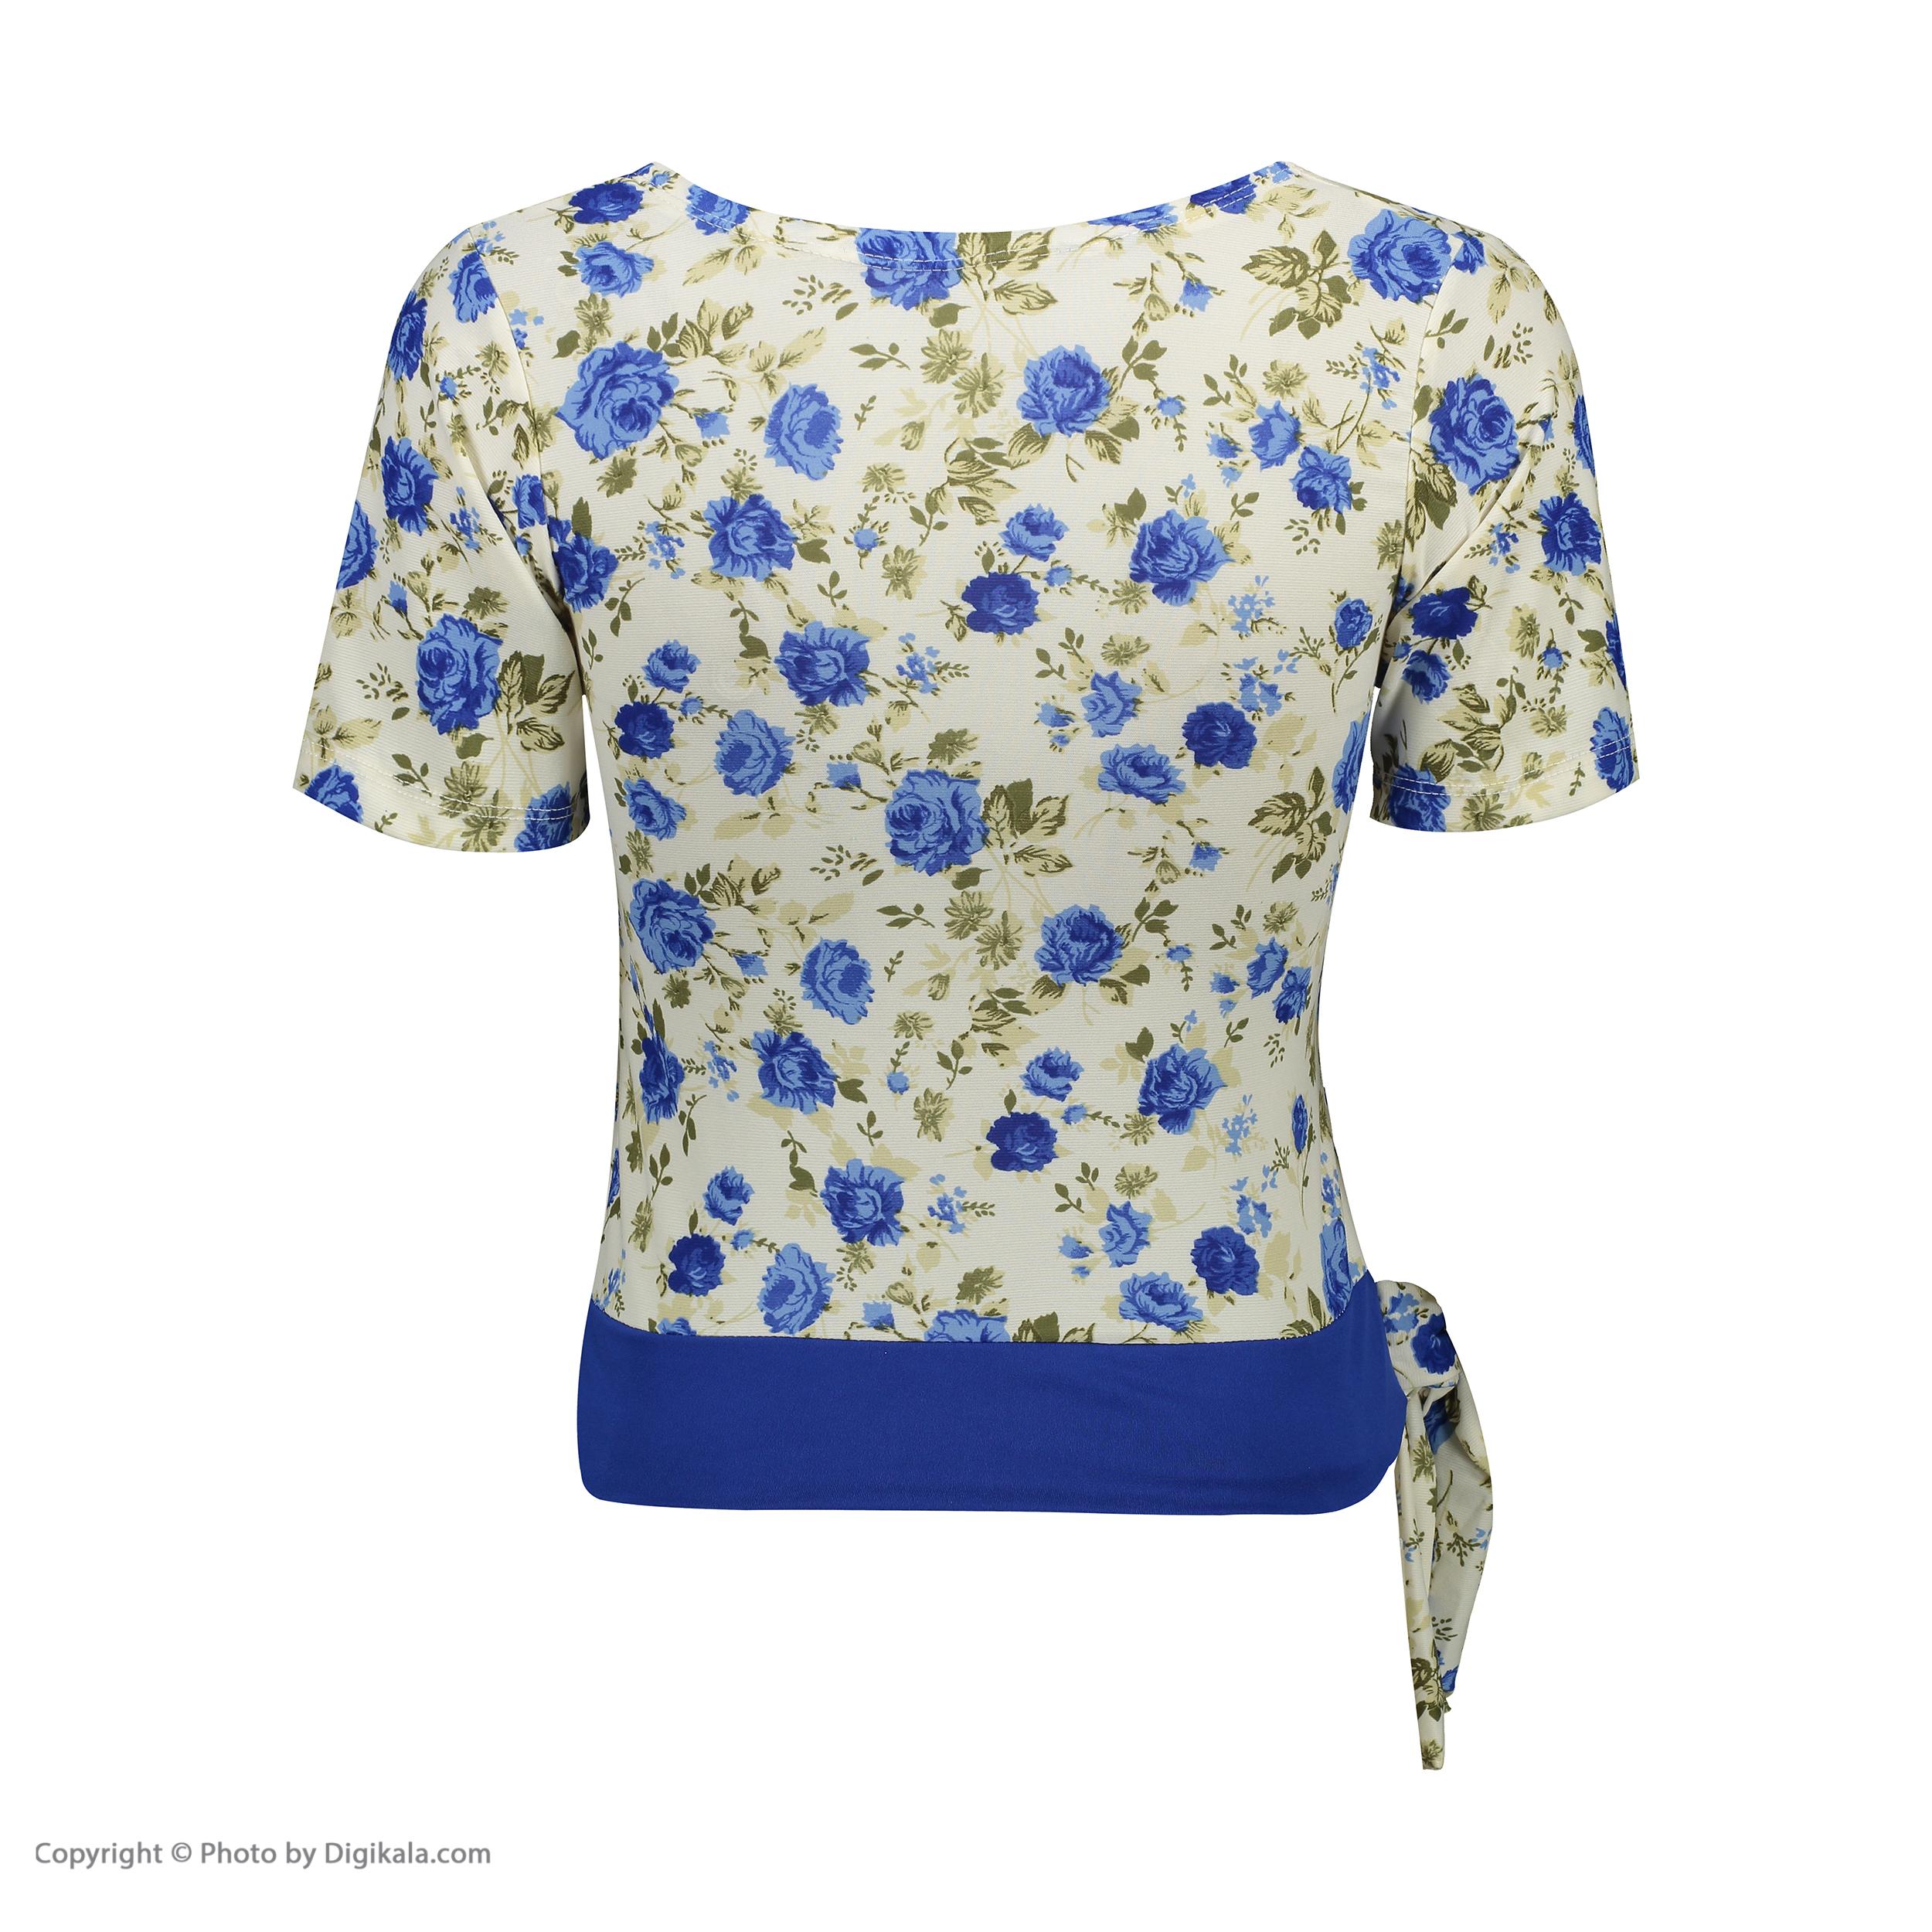 ست تی شرت و شلوارک زنانه کد 003 -  - 3